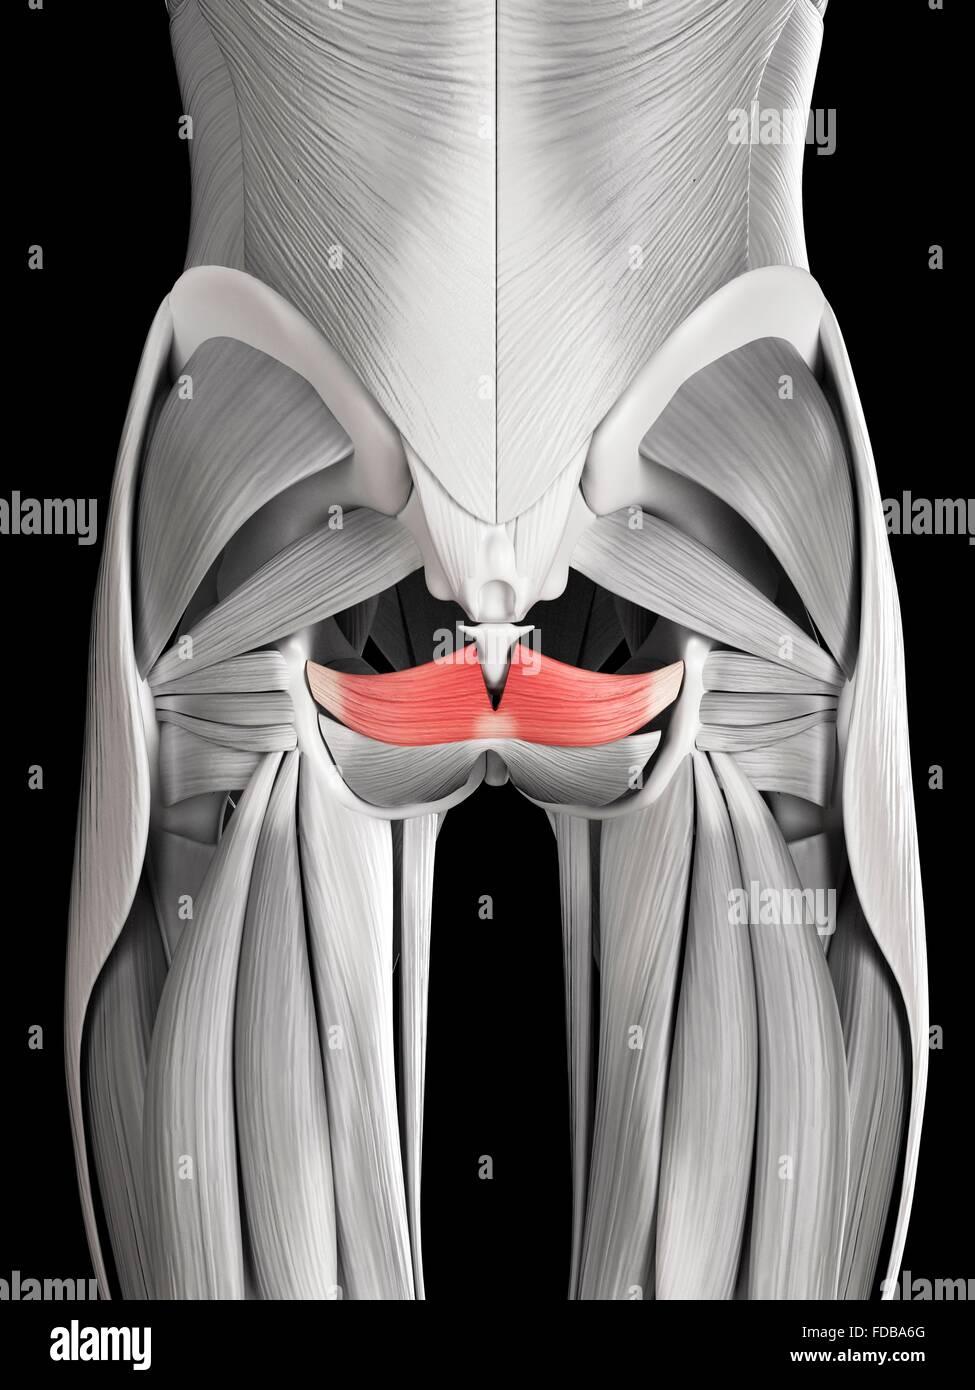 El músculo humano (coccygeus), ilustración. Imagen De Stock